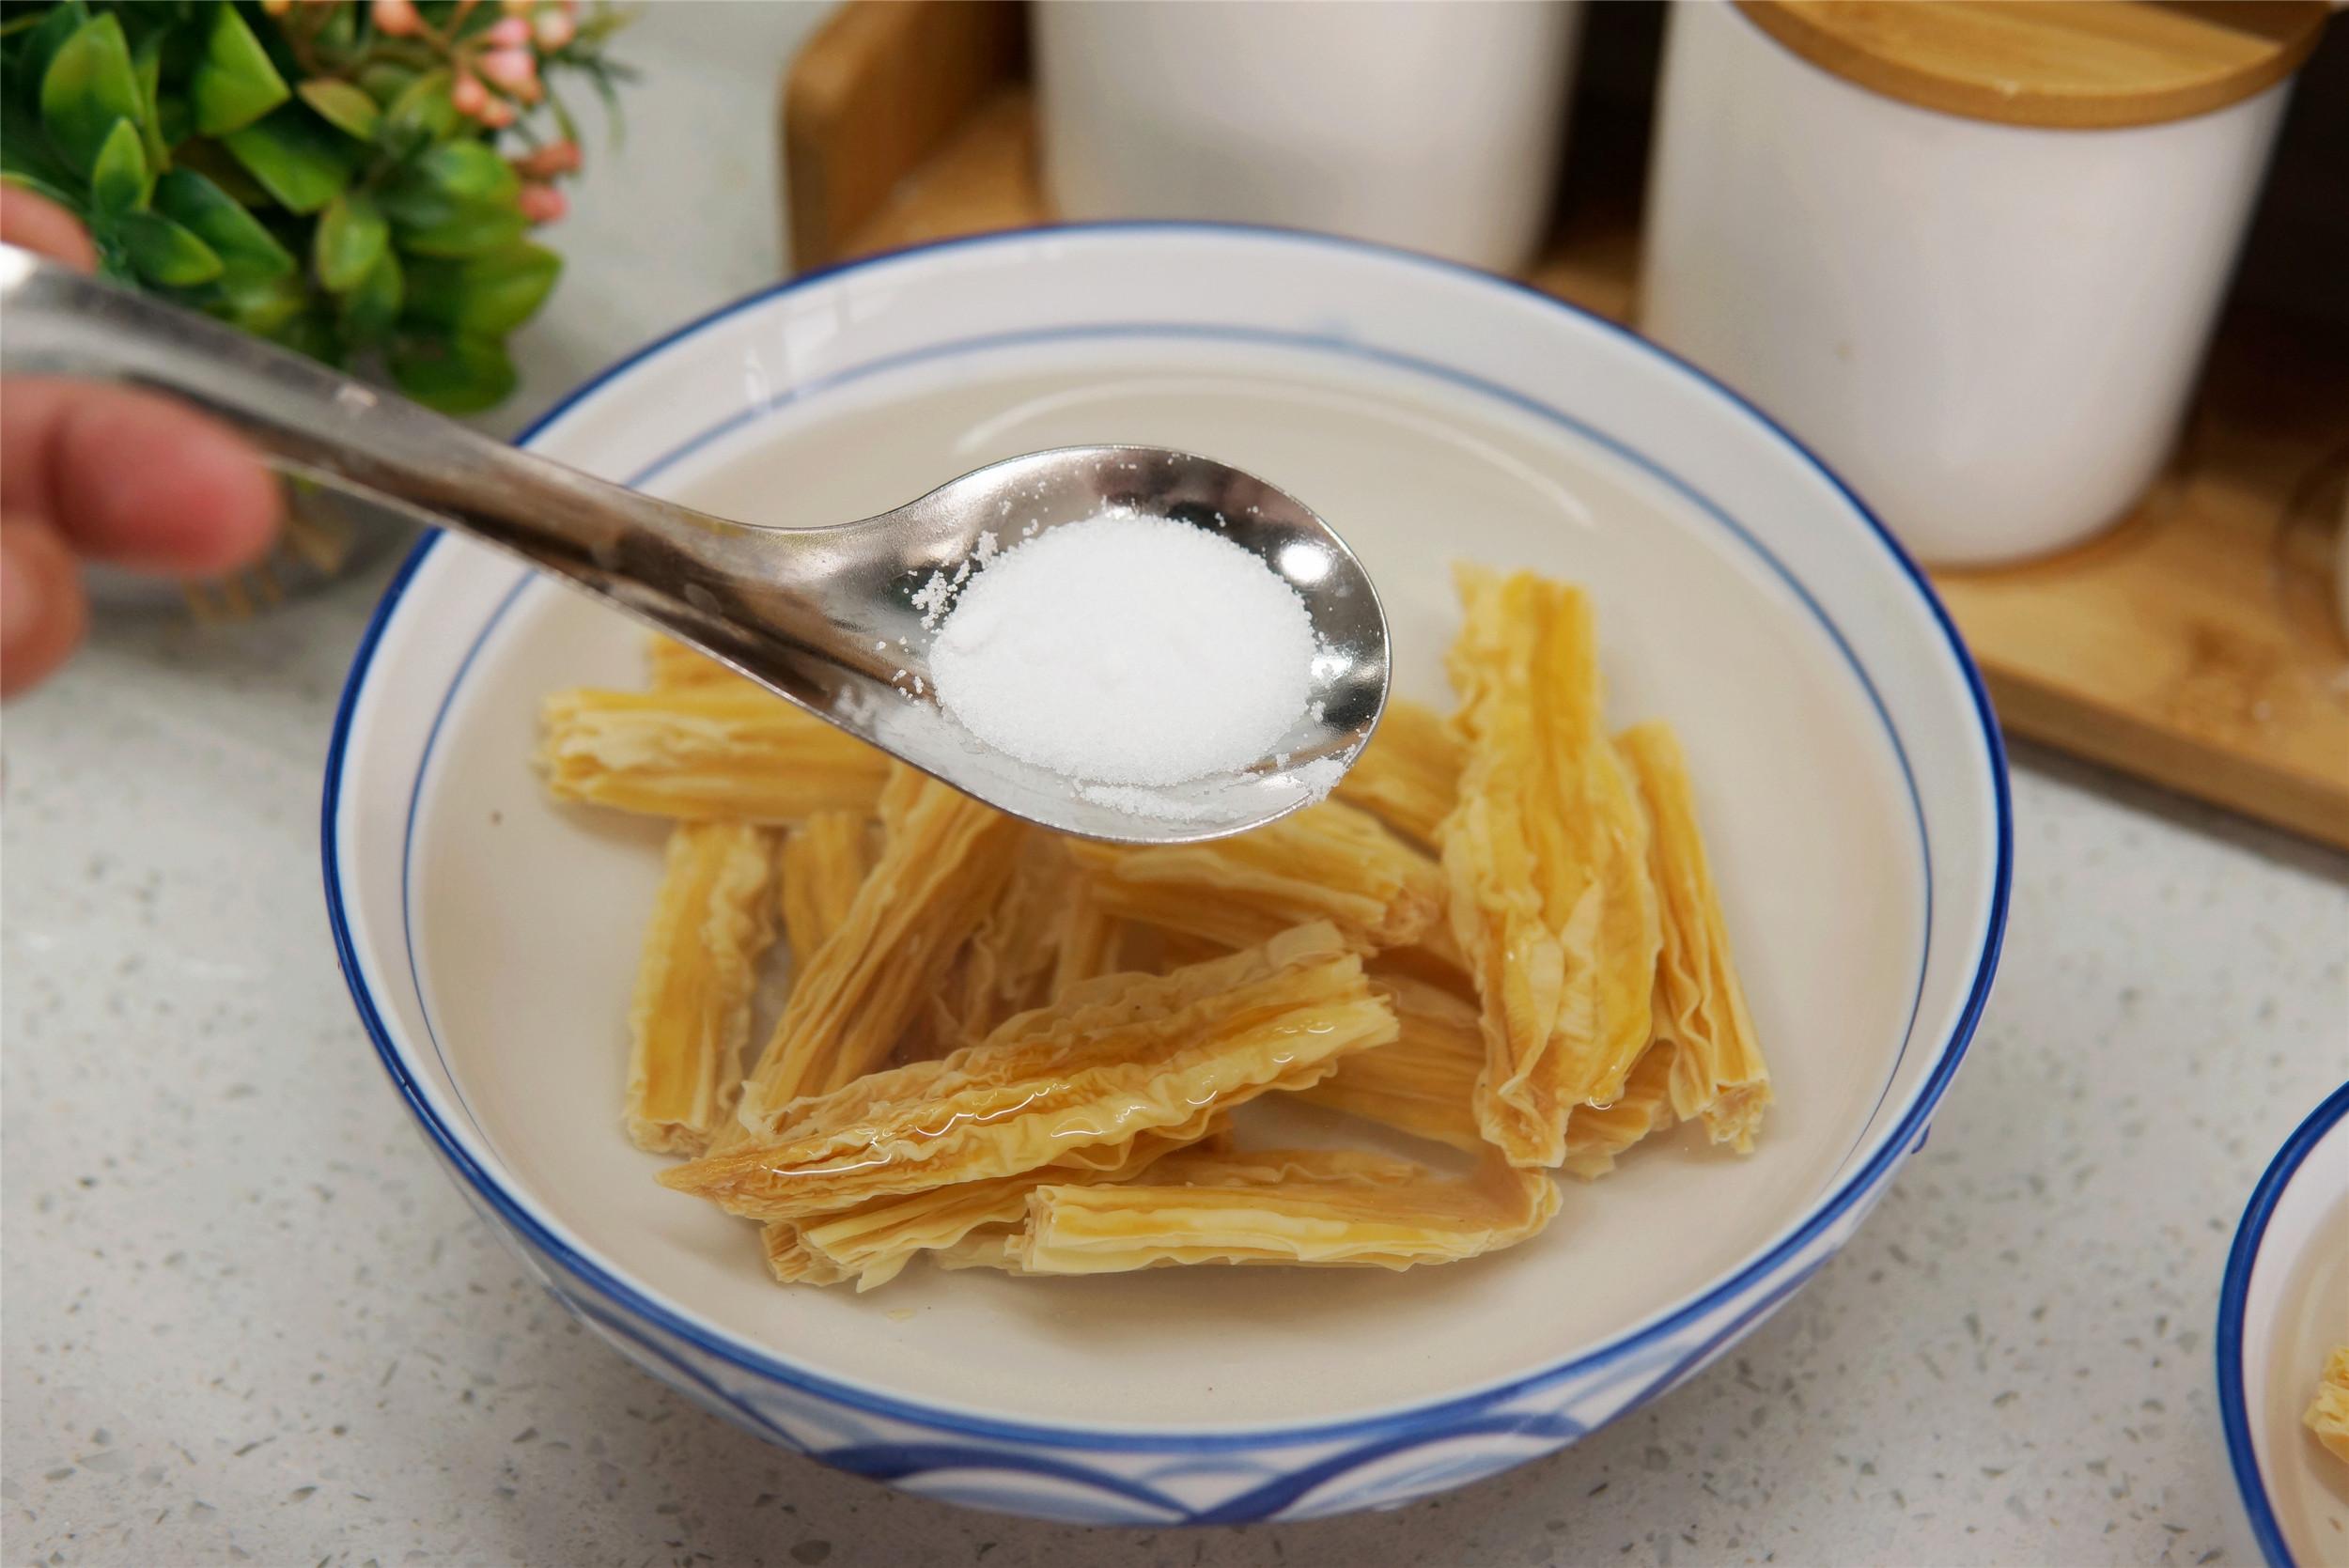 泡腐竹,別只會用清水,多加1味調料,時間省一半,有嚼勁不夾生